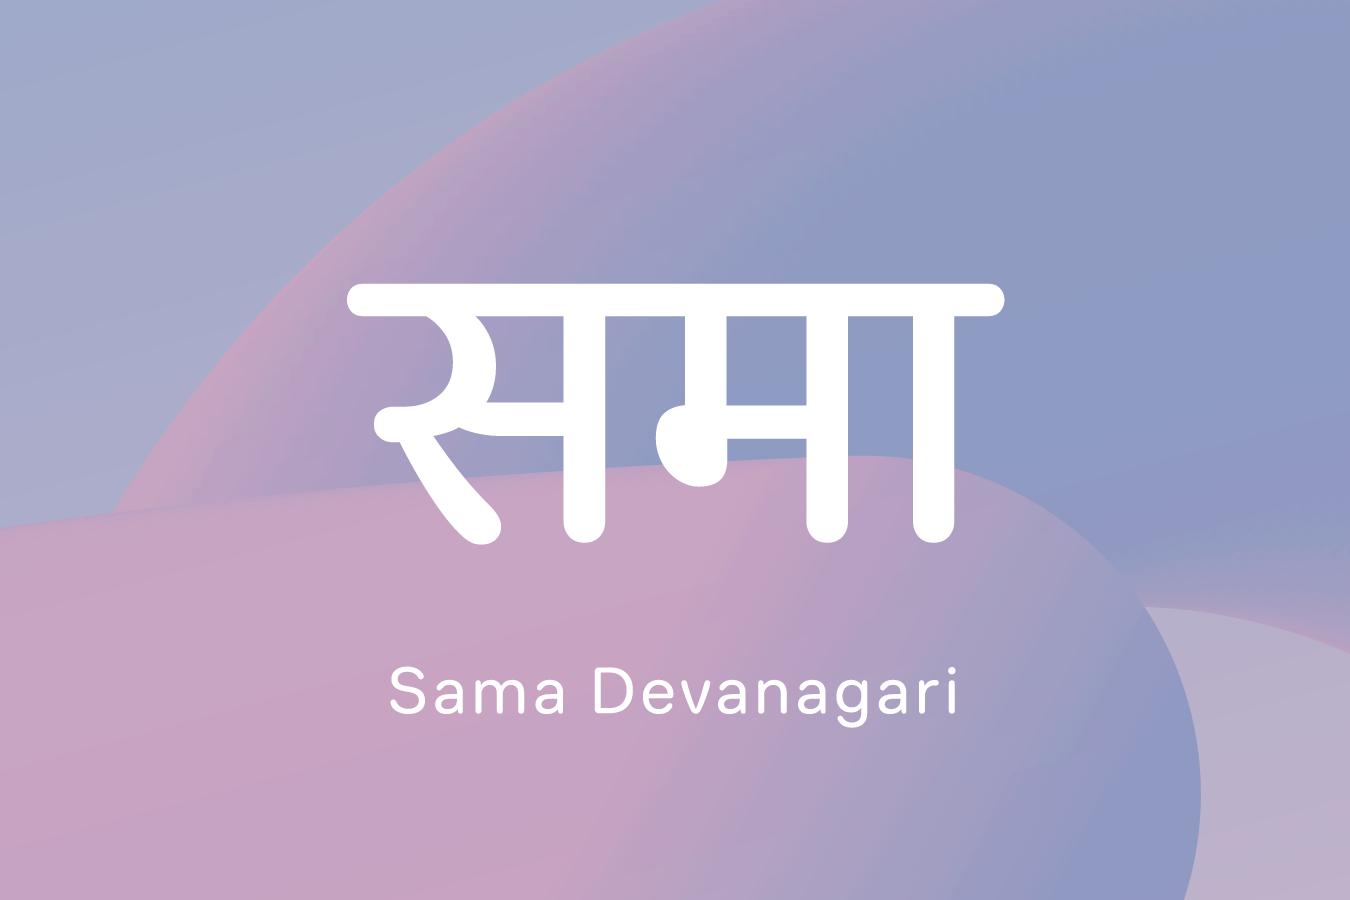 Sama Devanagari